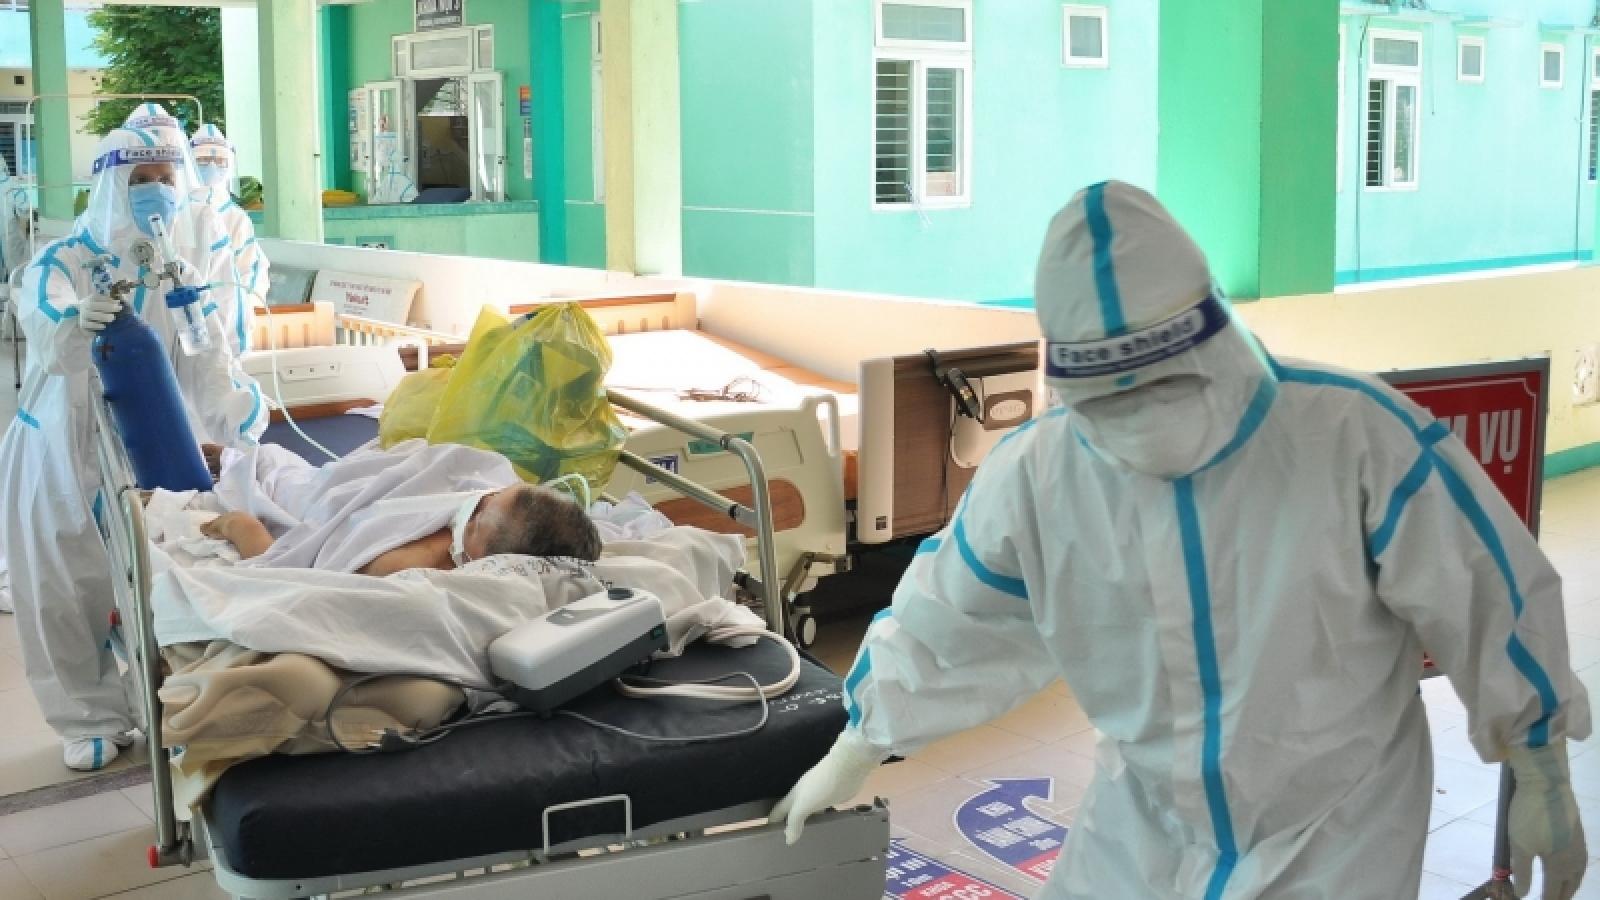 Một bệnh nhân Covid-19 ở Đà Nẵng tiên lượng xấu đã hồi phục và xuất viện